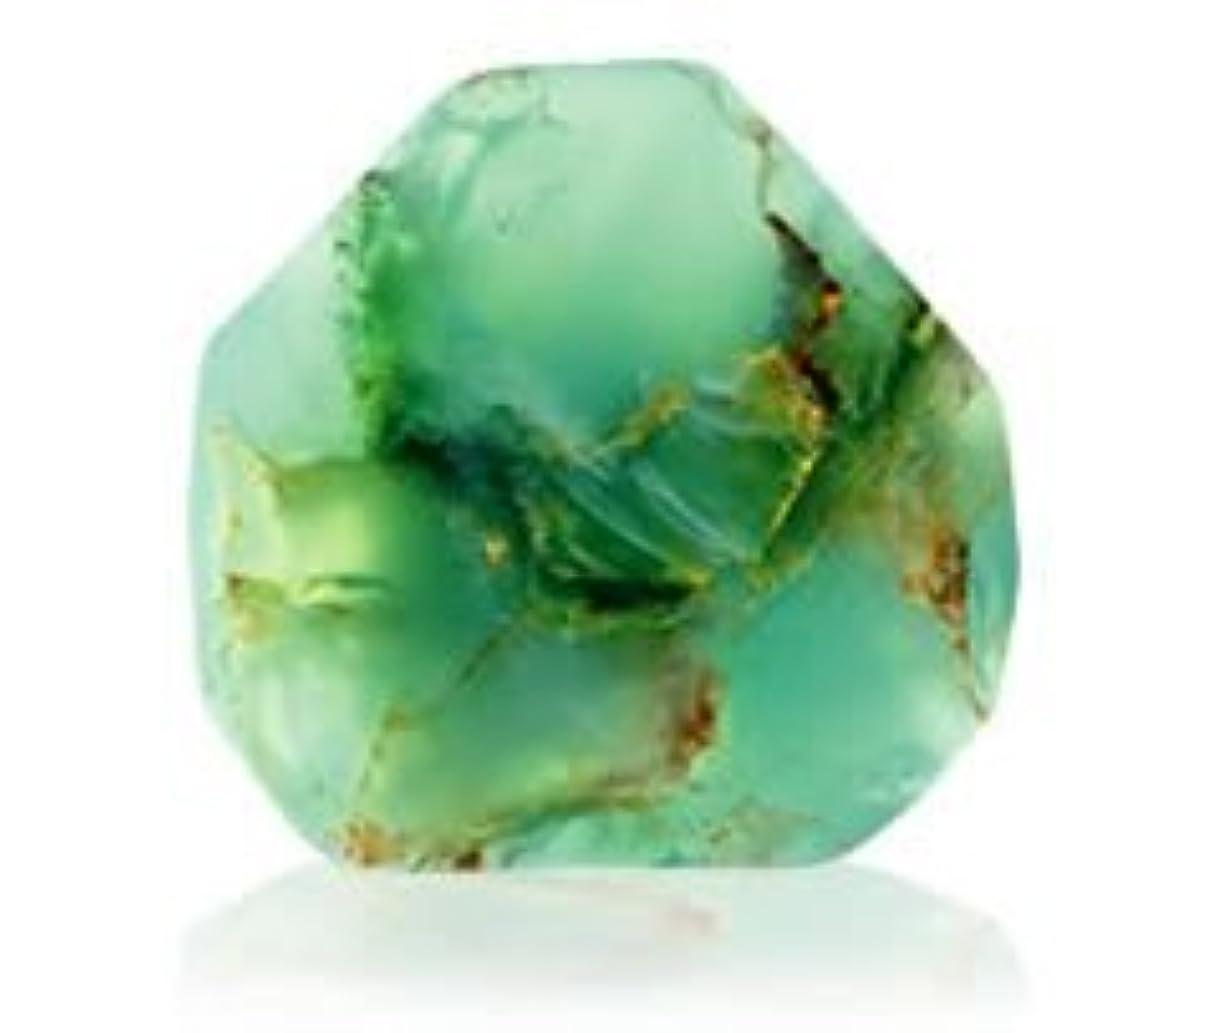 サークル滅びる目立つSavons Gemme サボンジェム 世界で一番美しい宝石石鹸 フレグランスソープ ジェイド 170g